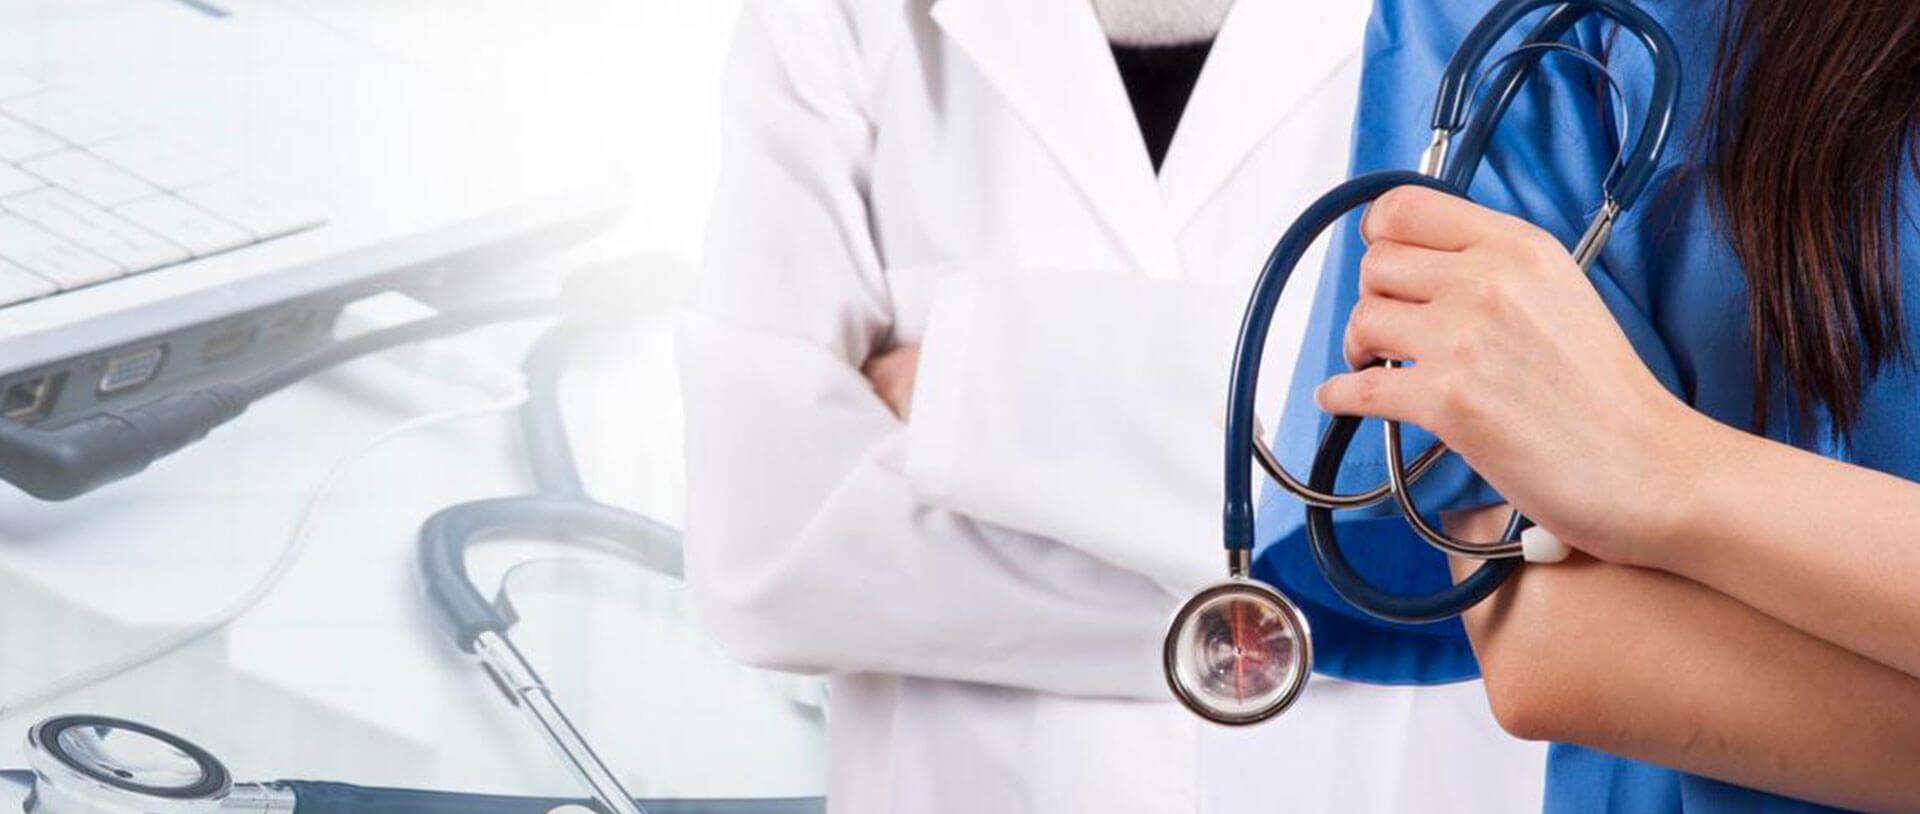 couverture-medicale-publique-en-espagne